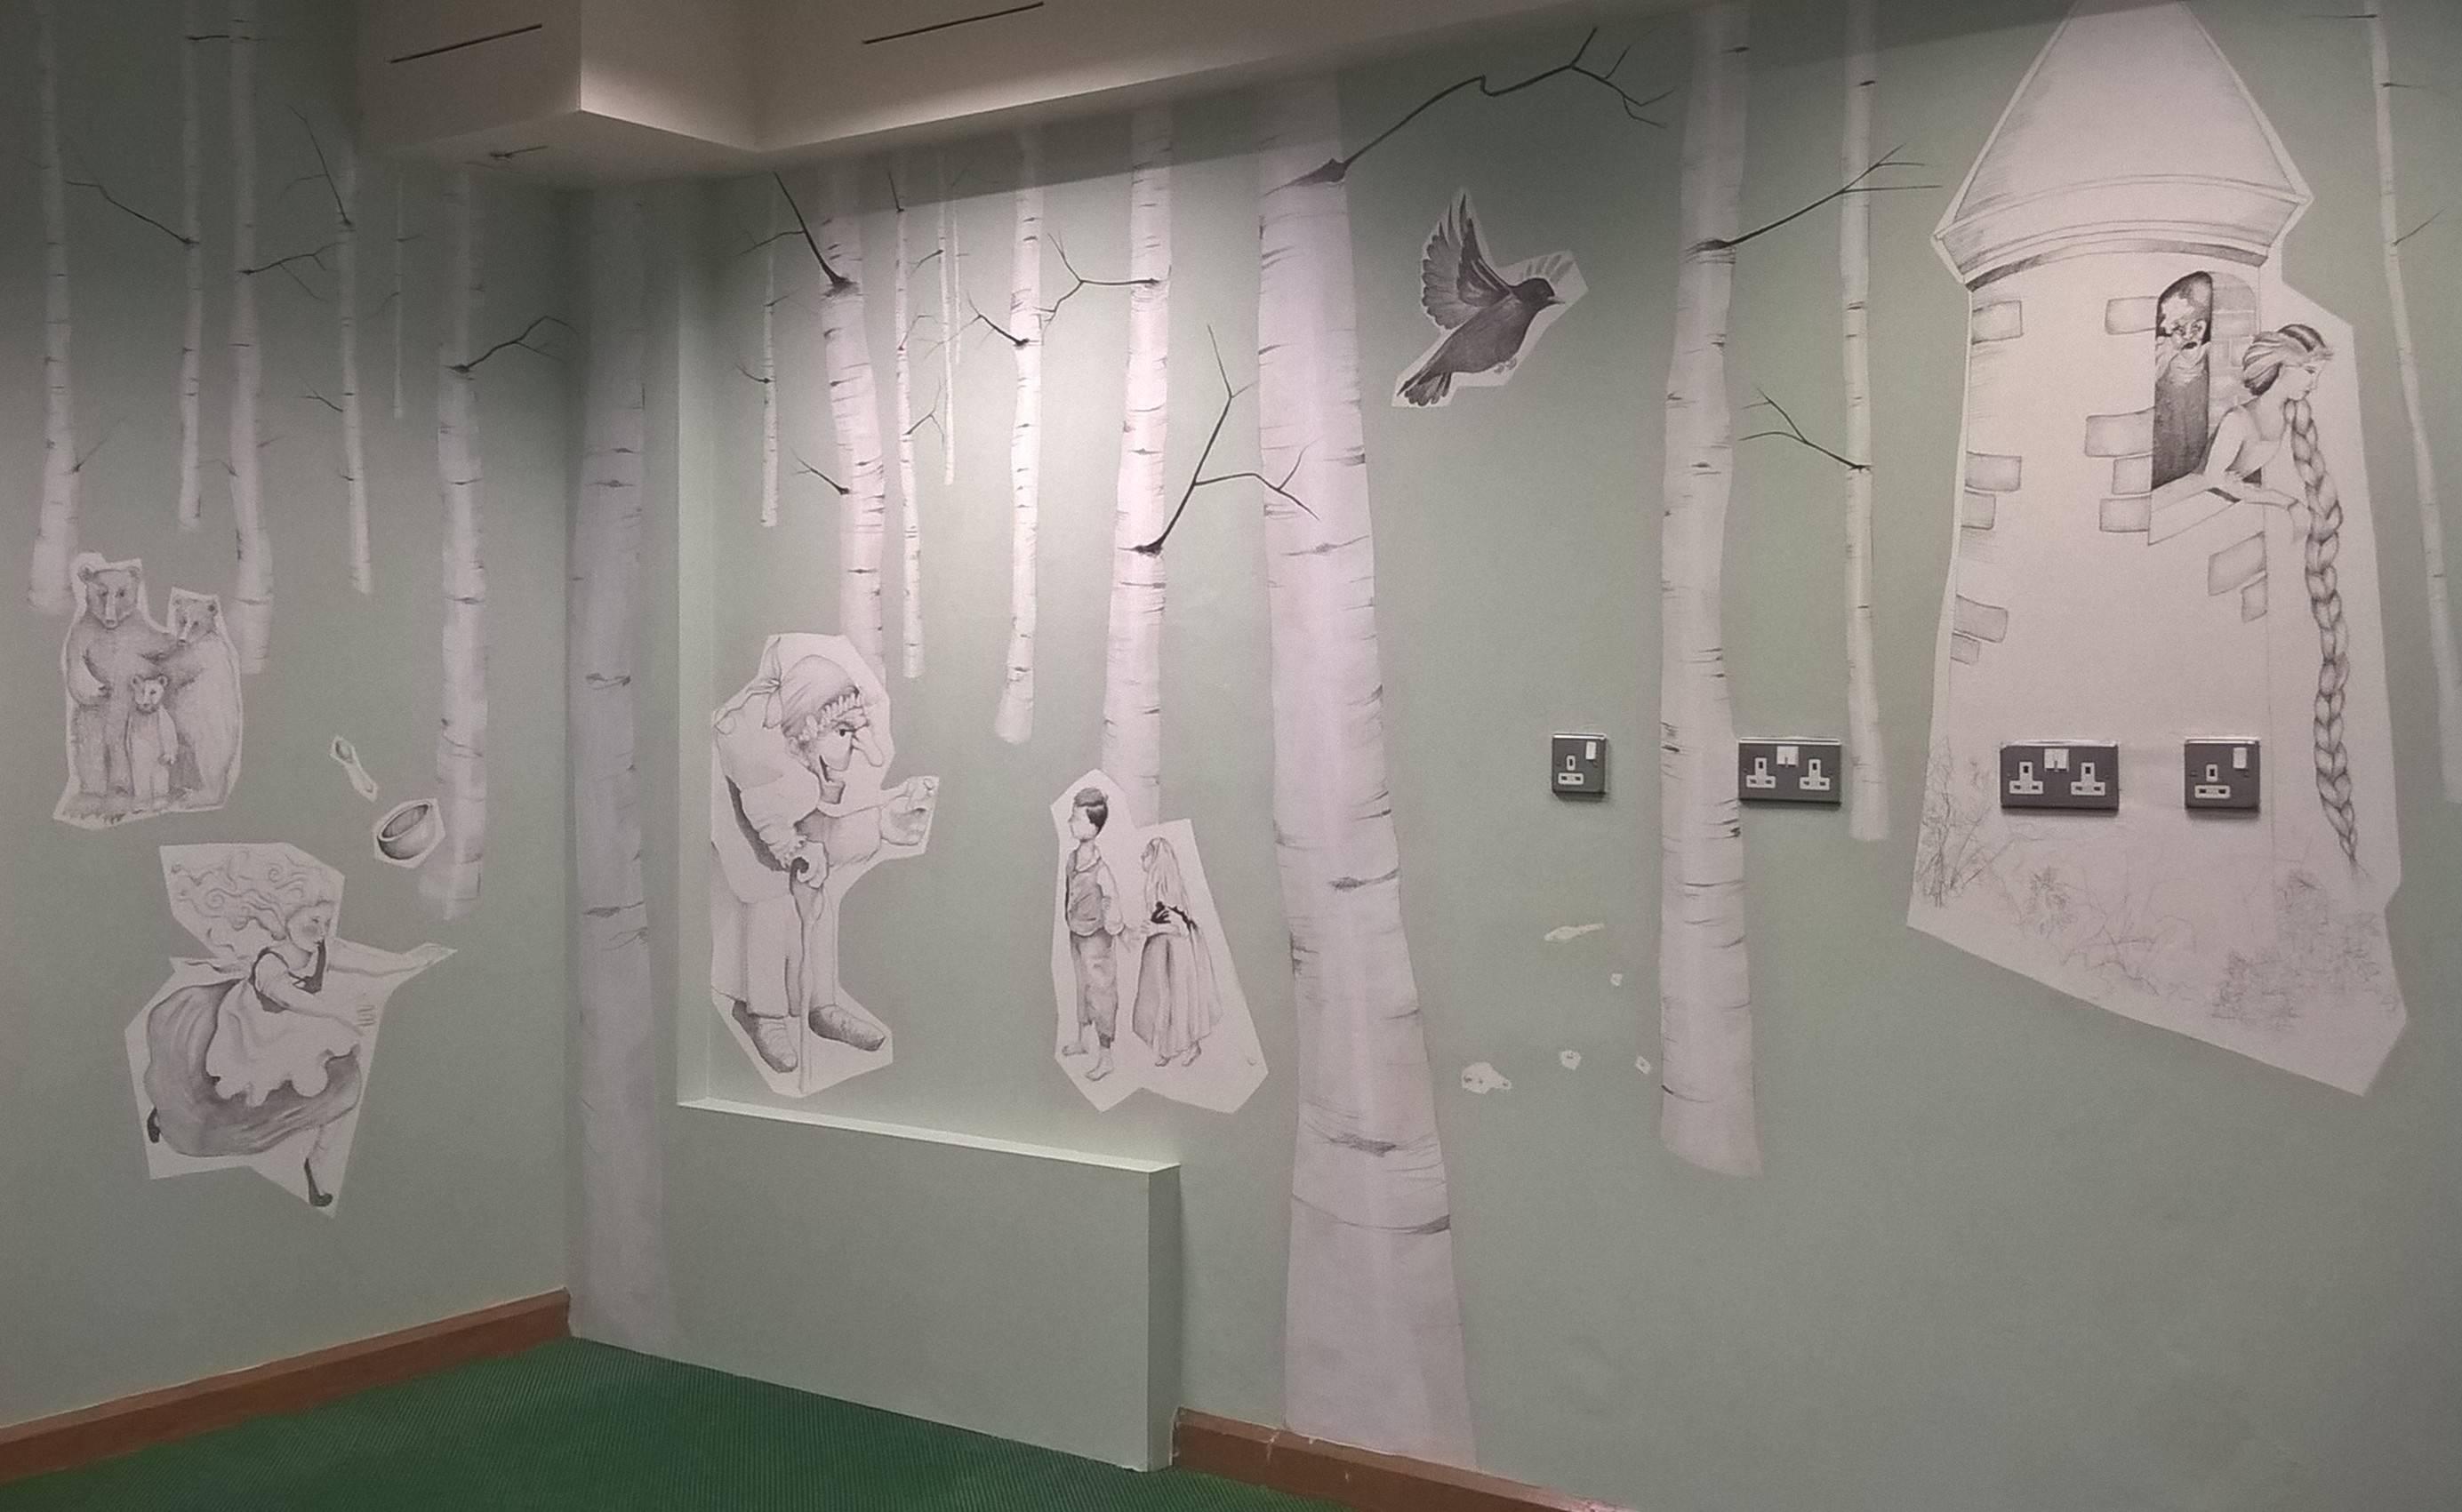 The Fairytale Mural